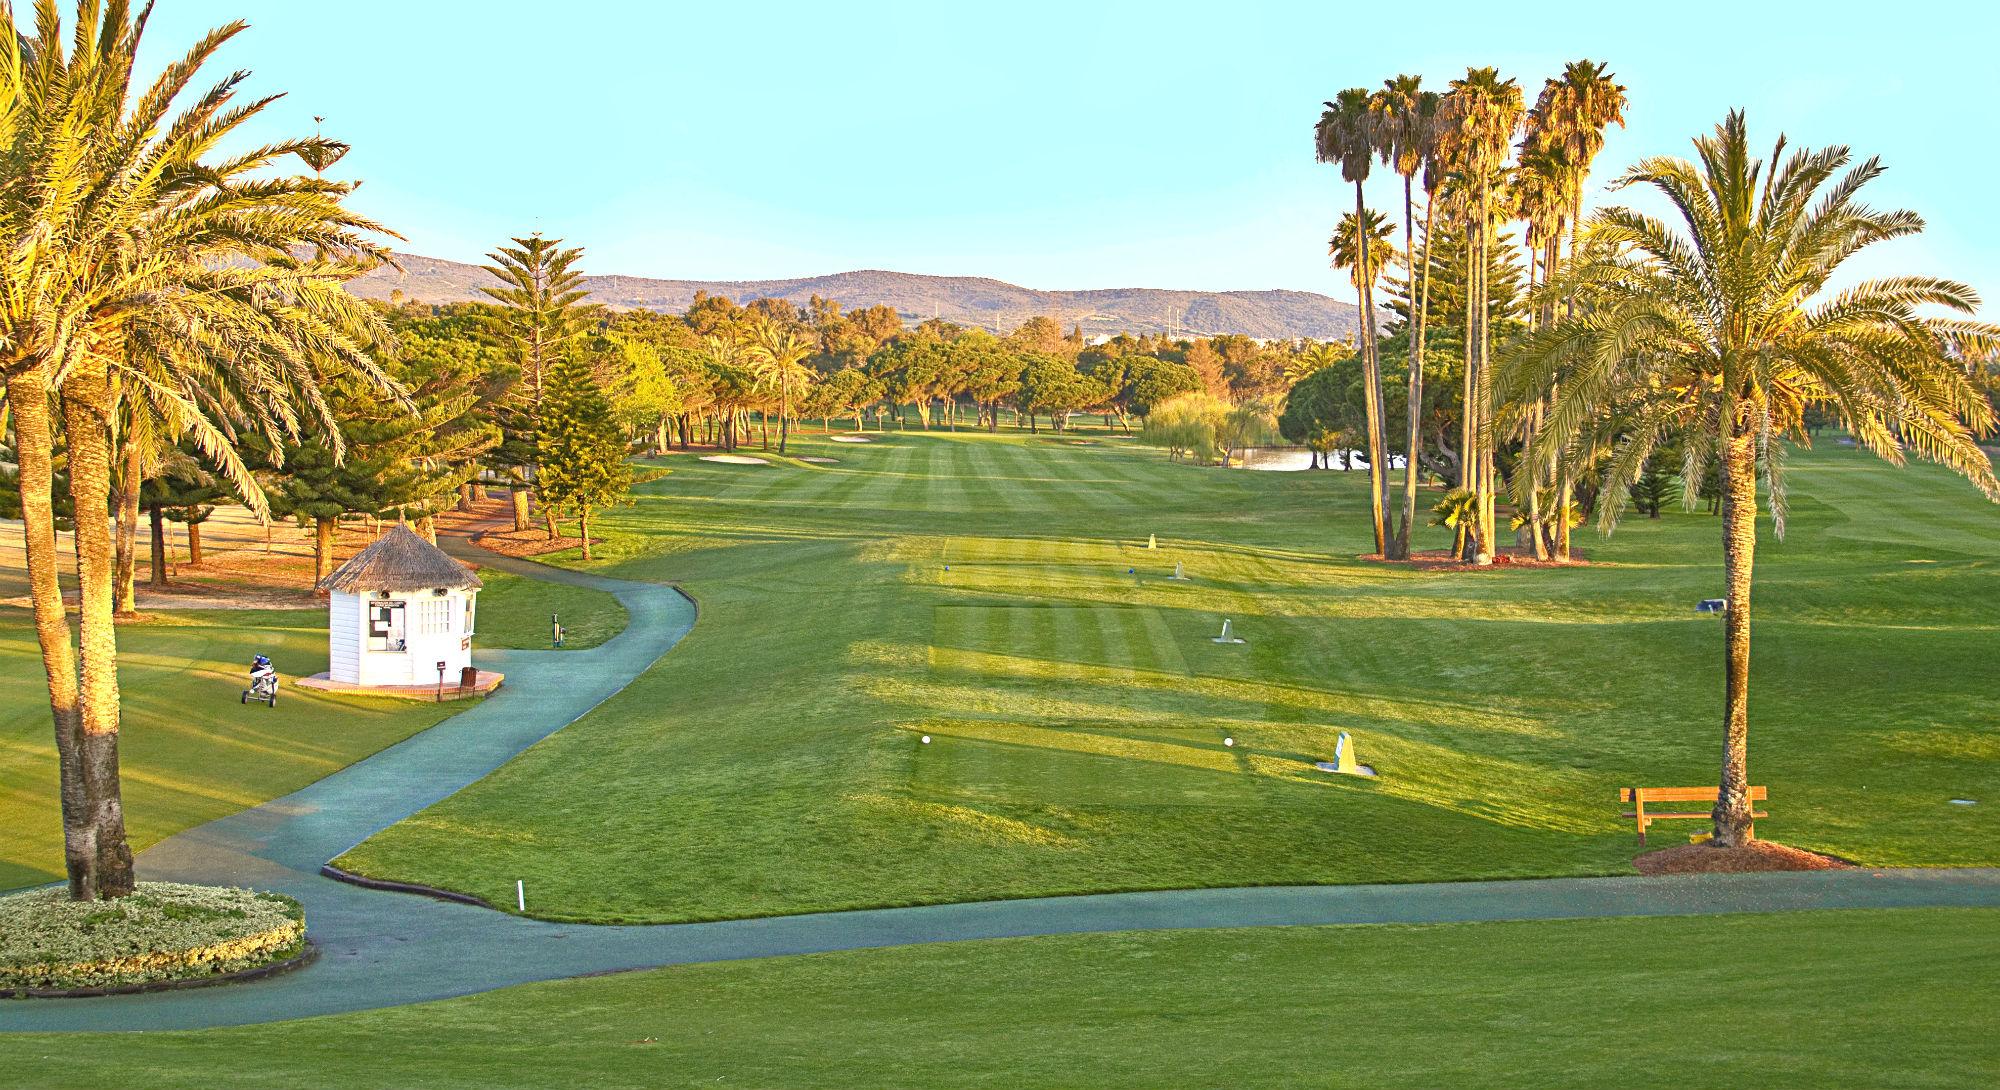 Parcours de golf de Sotogrande en Espagne